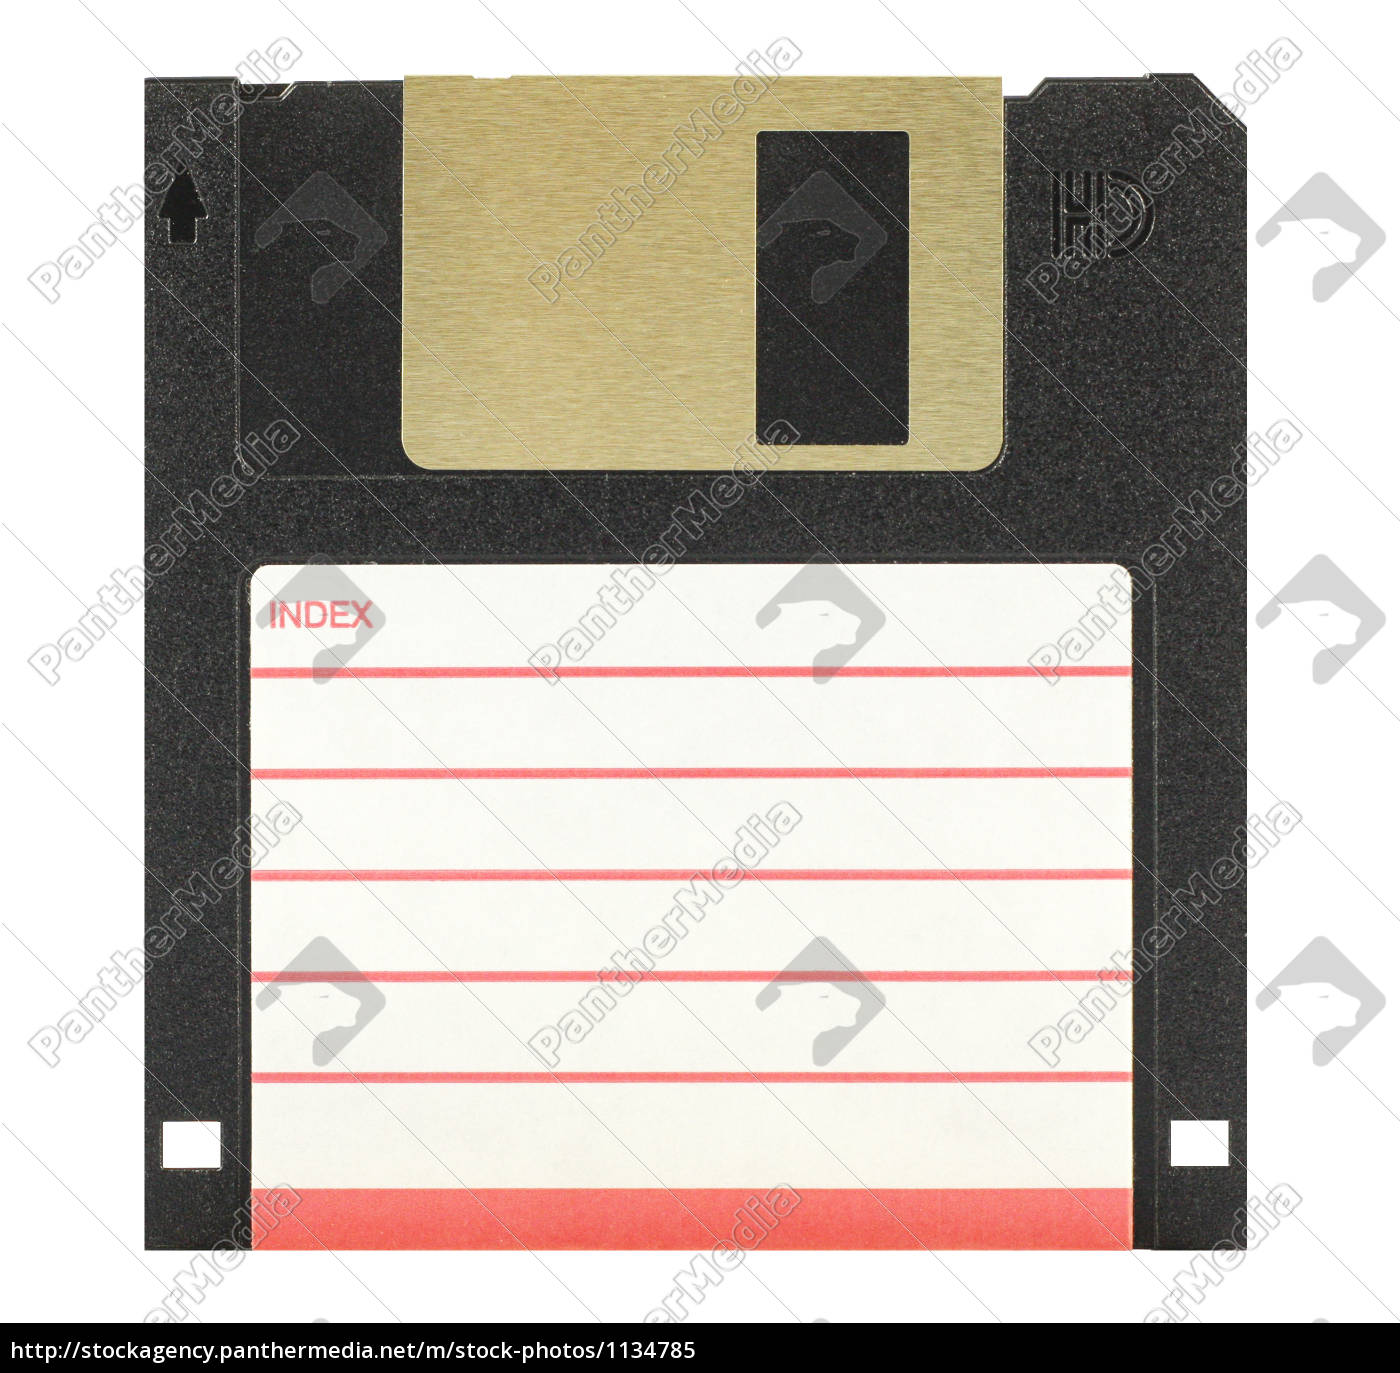 3, point, 5, inch, floppy, disk - 1134785